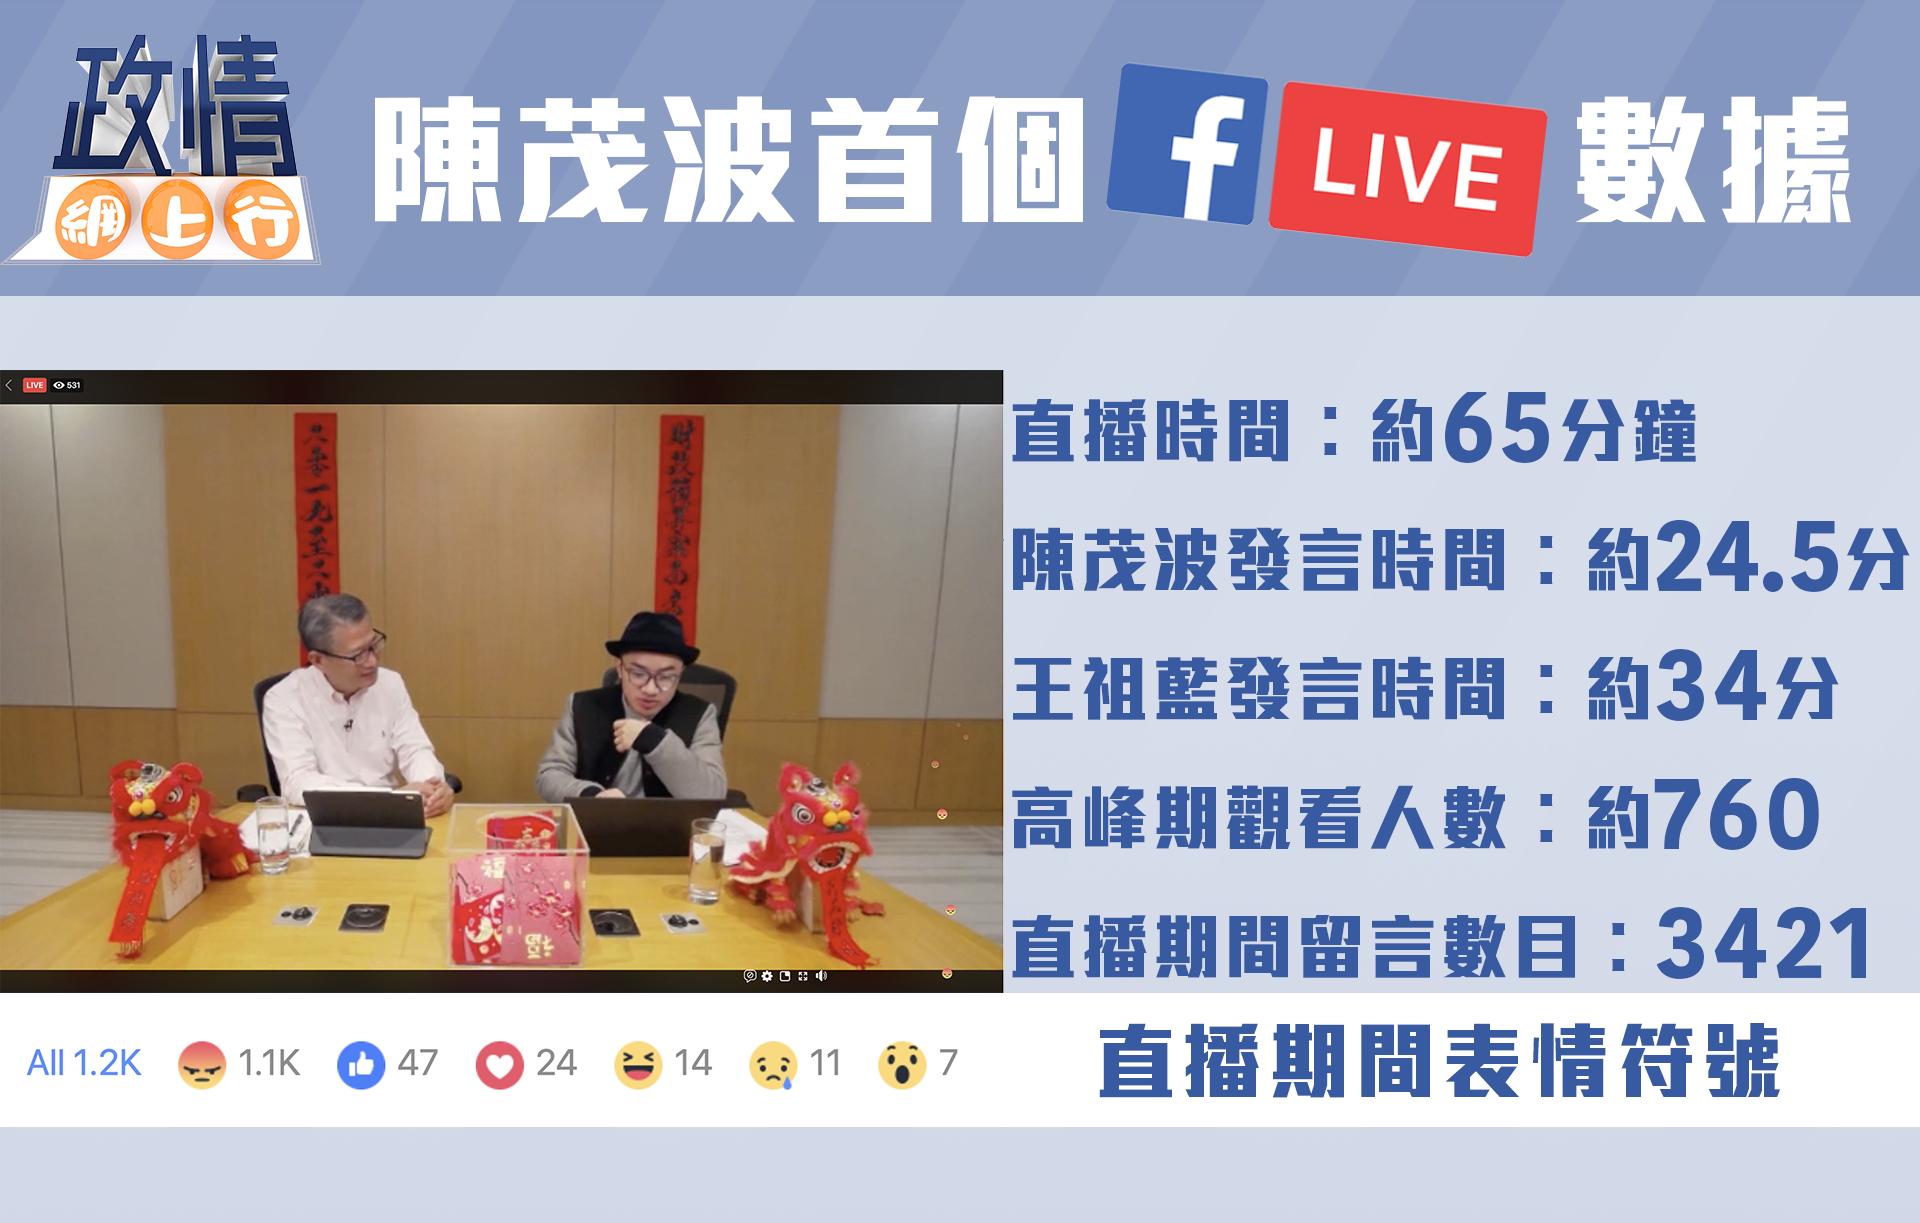 【政情網上行】陳茂波首個Facebook直播數據